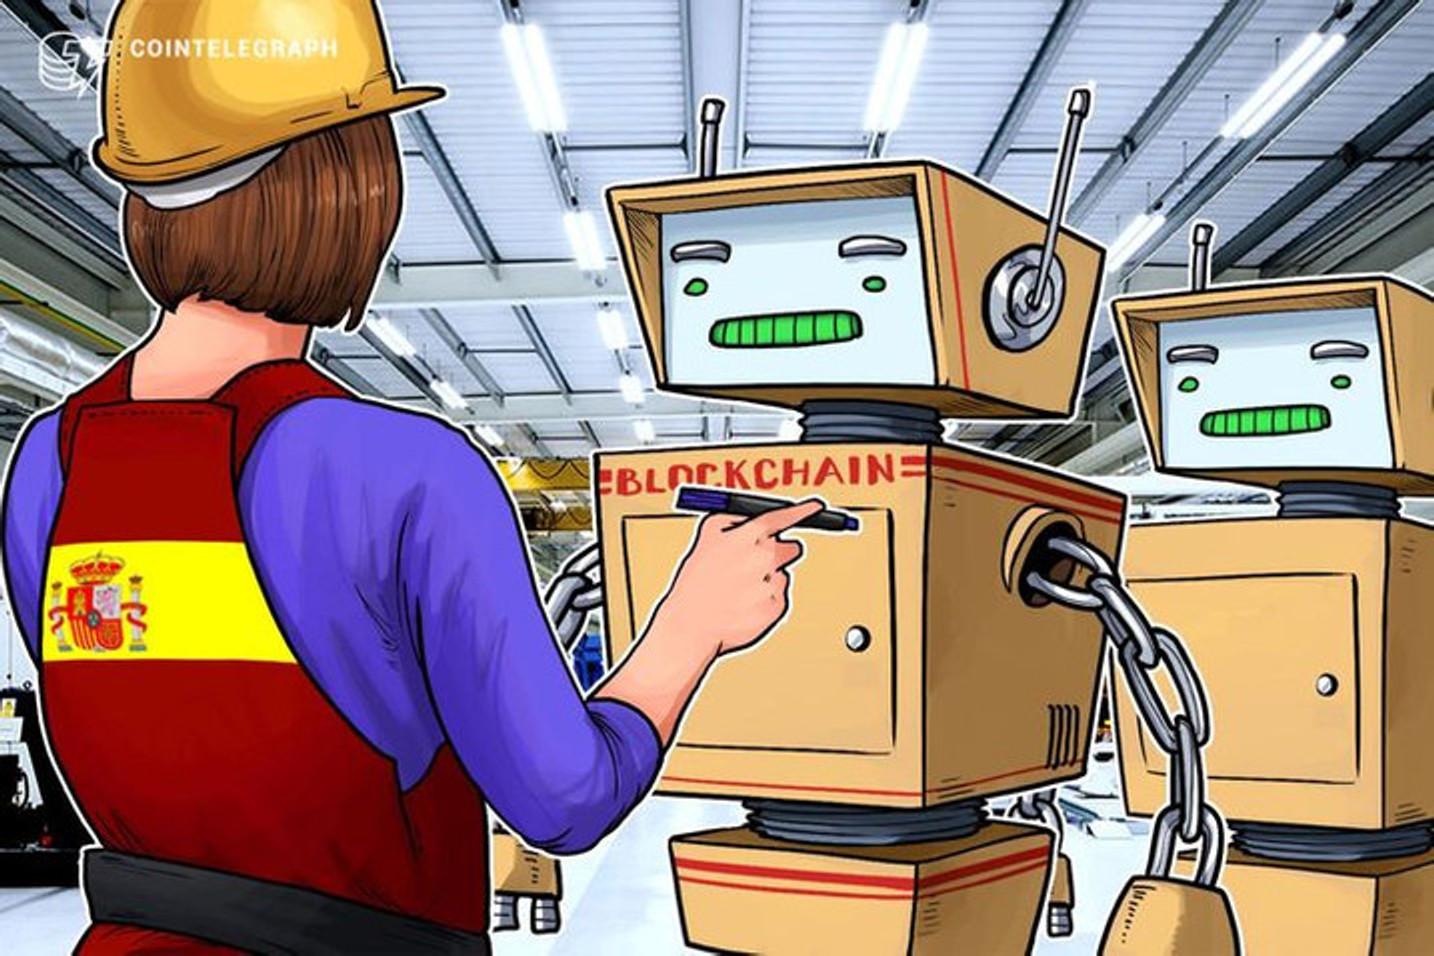 Conociendo el proyecto Súper Robot 10 impulsado por el presidente de Additum Blockchain en España